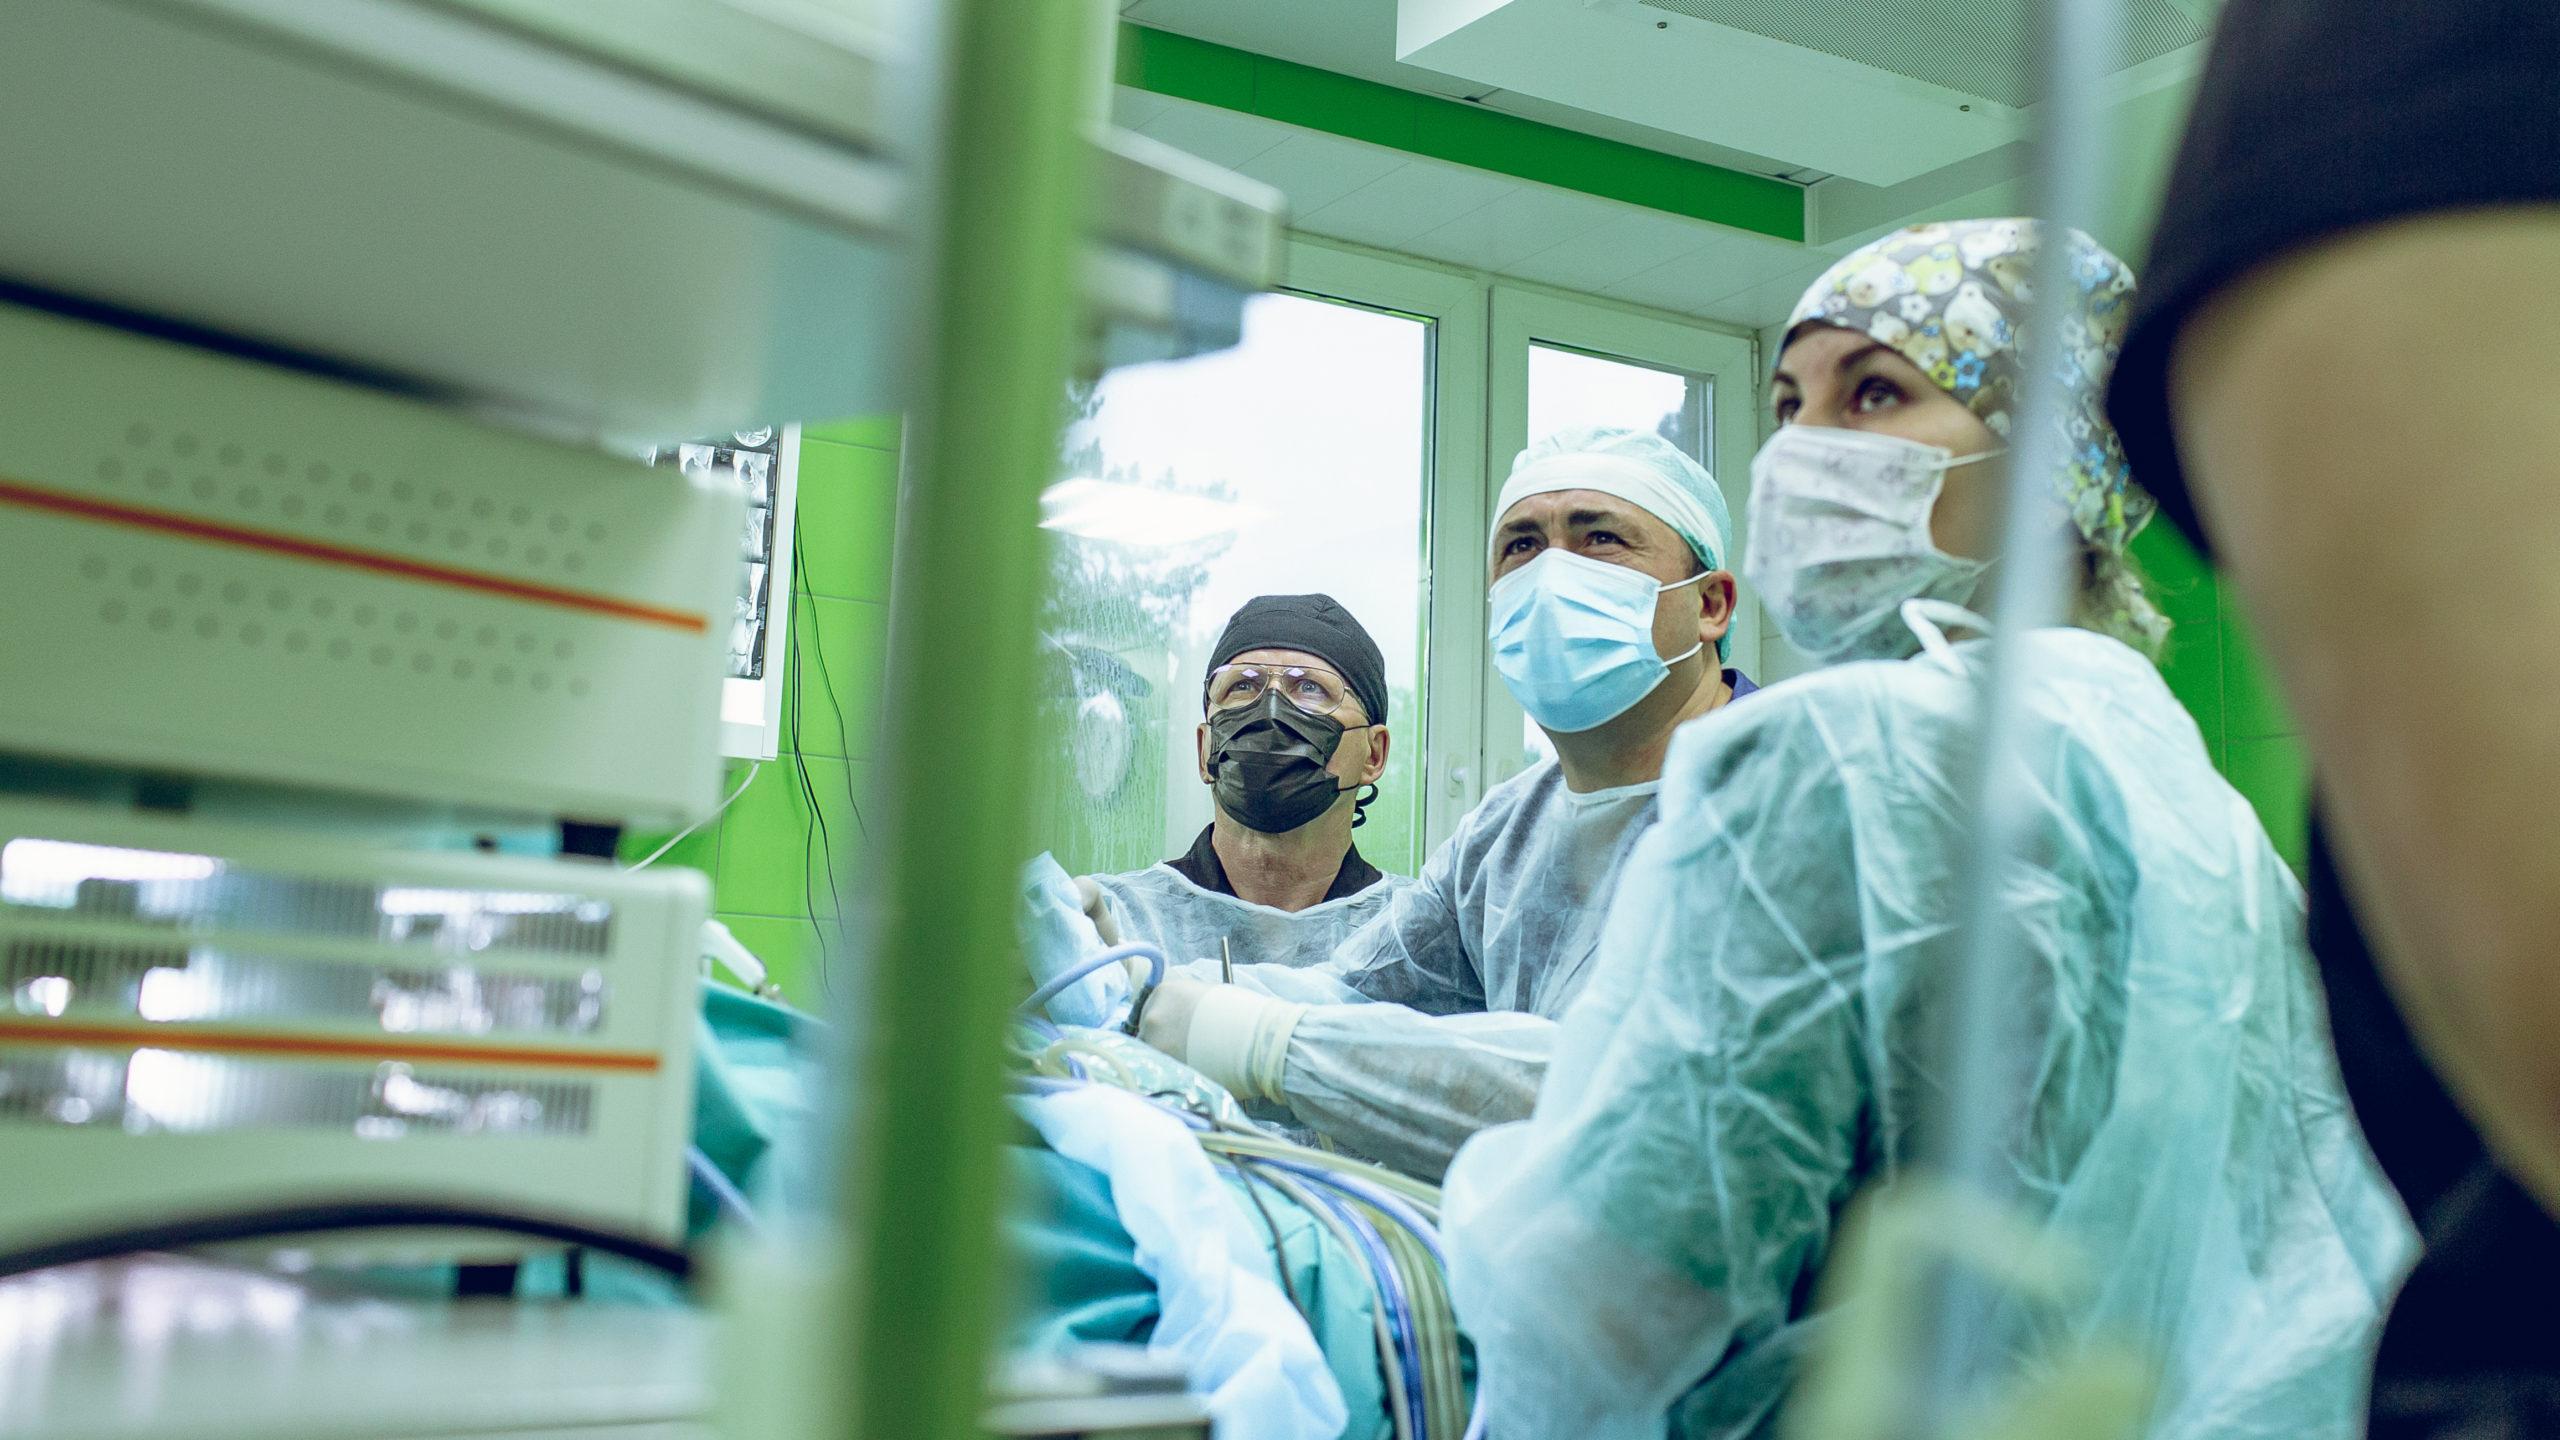 Артроскопическая субакромиальная декомпрессия, акромиопластика